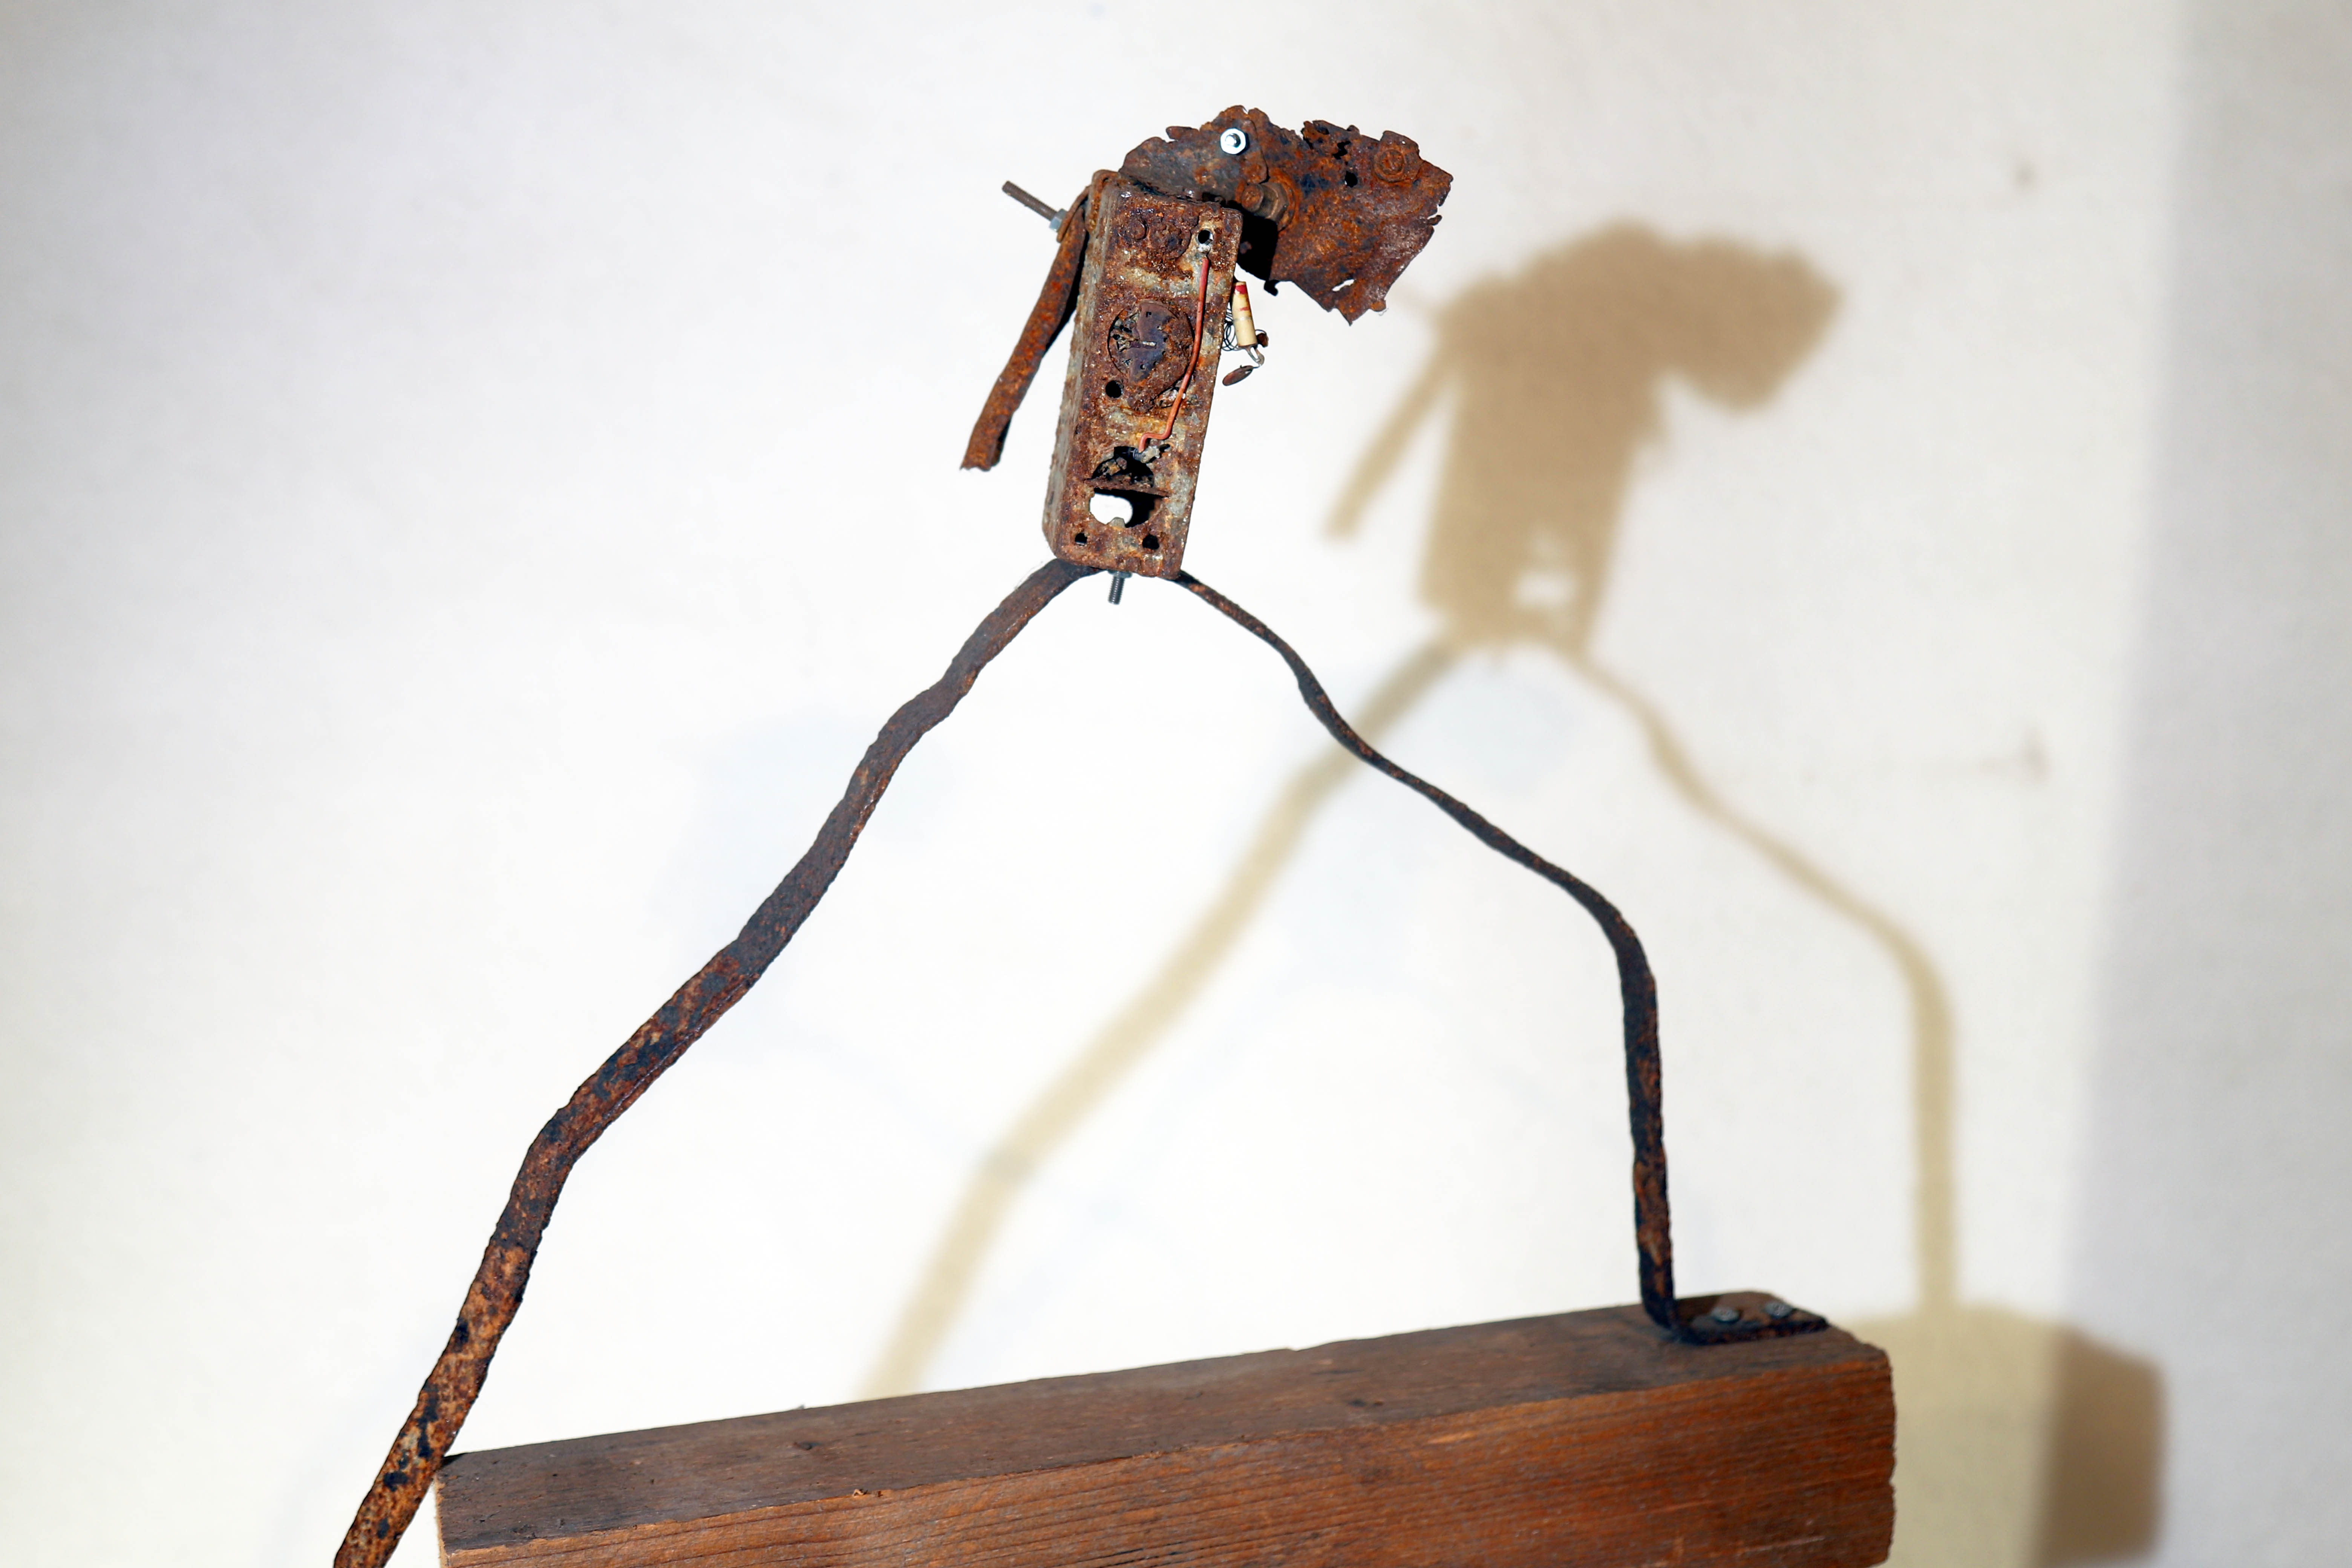 Antonio Panzuto - sculture Ruggini - Figura danzante 7 - Rusty sculpture Dancing figure